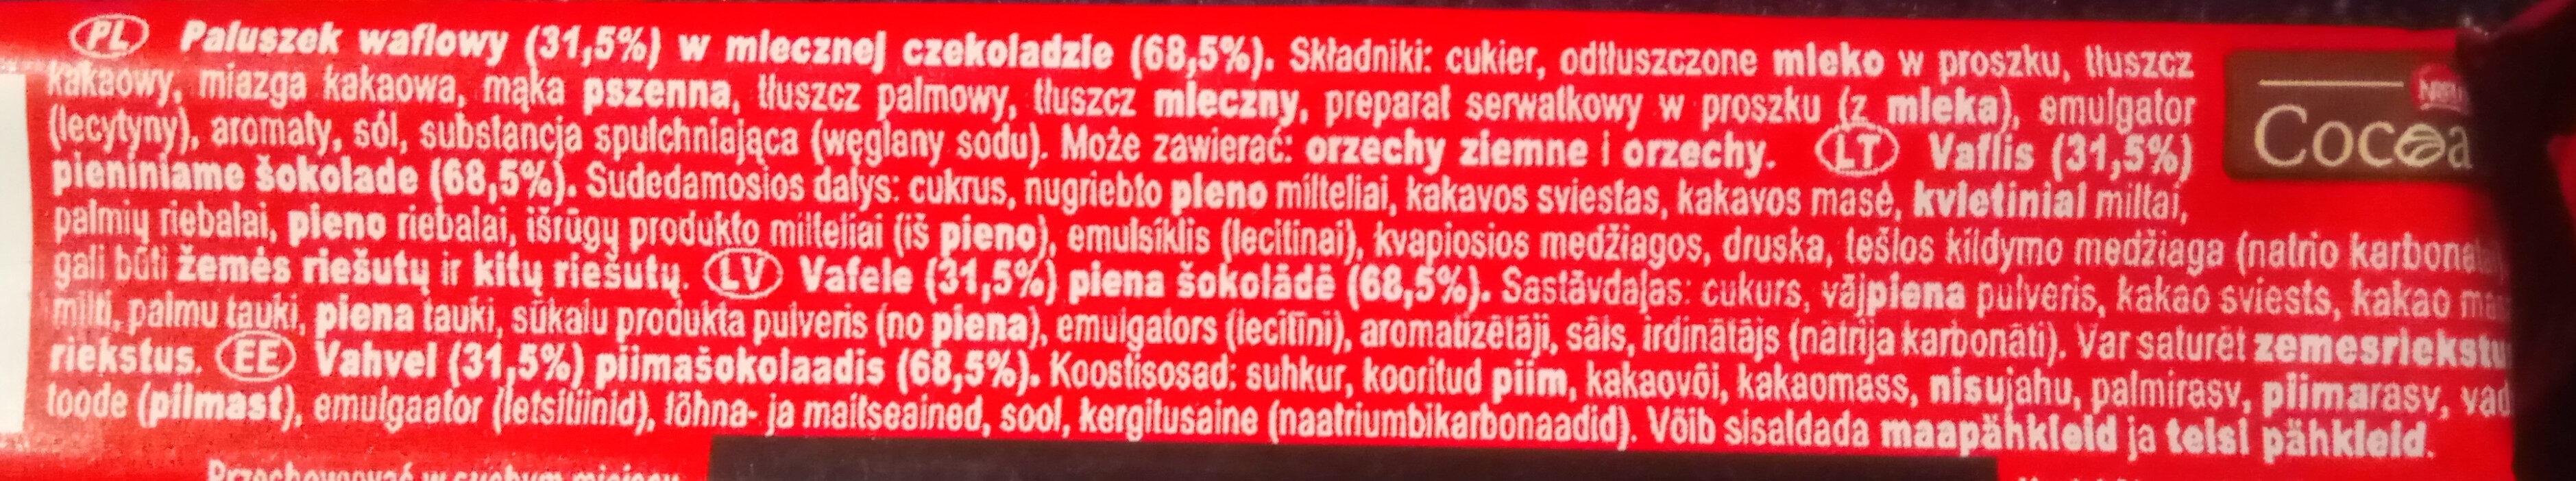 Paluszek waflowy w mlecznej czekoladzie - Składniki